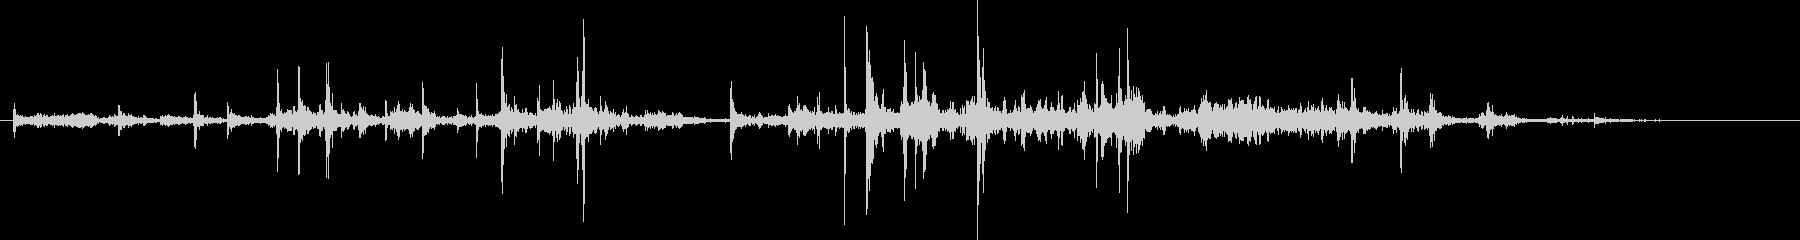 紙を丸める効果音 02の未再生の波形